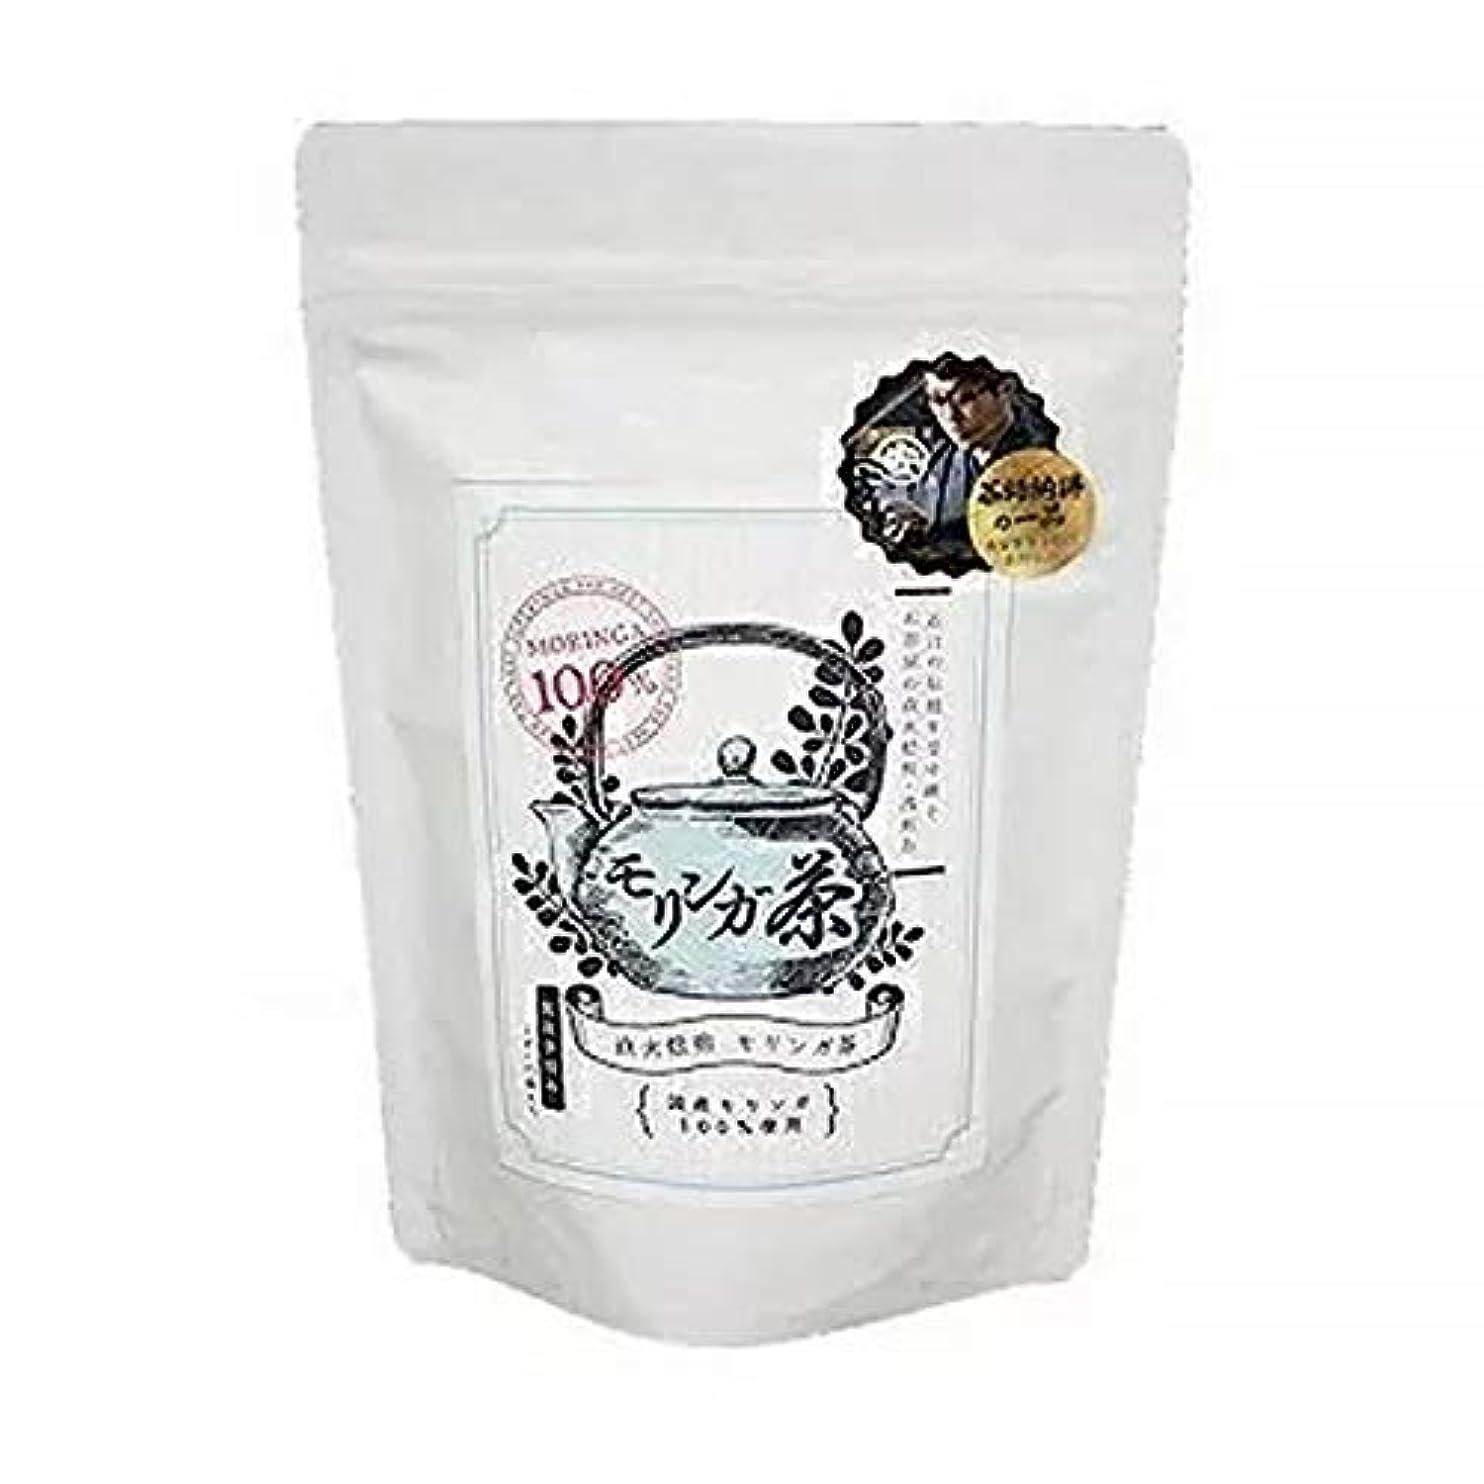 ハブフロンティア注ぎます【日本製】直火焙煎 モリンガ茶 MRG003 30袋入国産 モリンガ使用 直火焙煎 水出しOK ティーパッグタイプ 美容 健康 お茶 ビューティーワールド